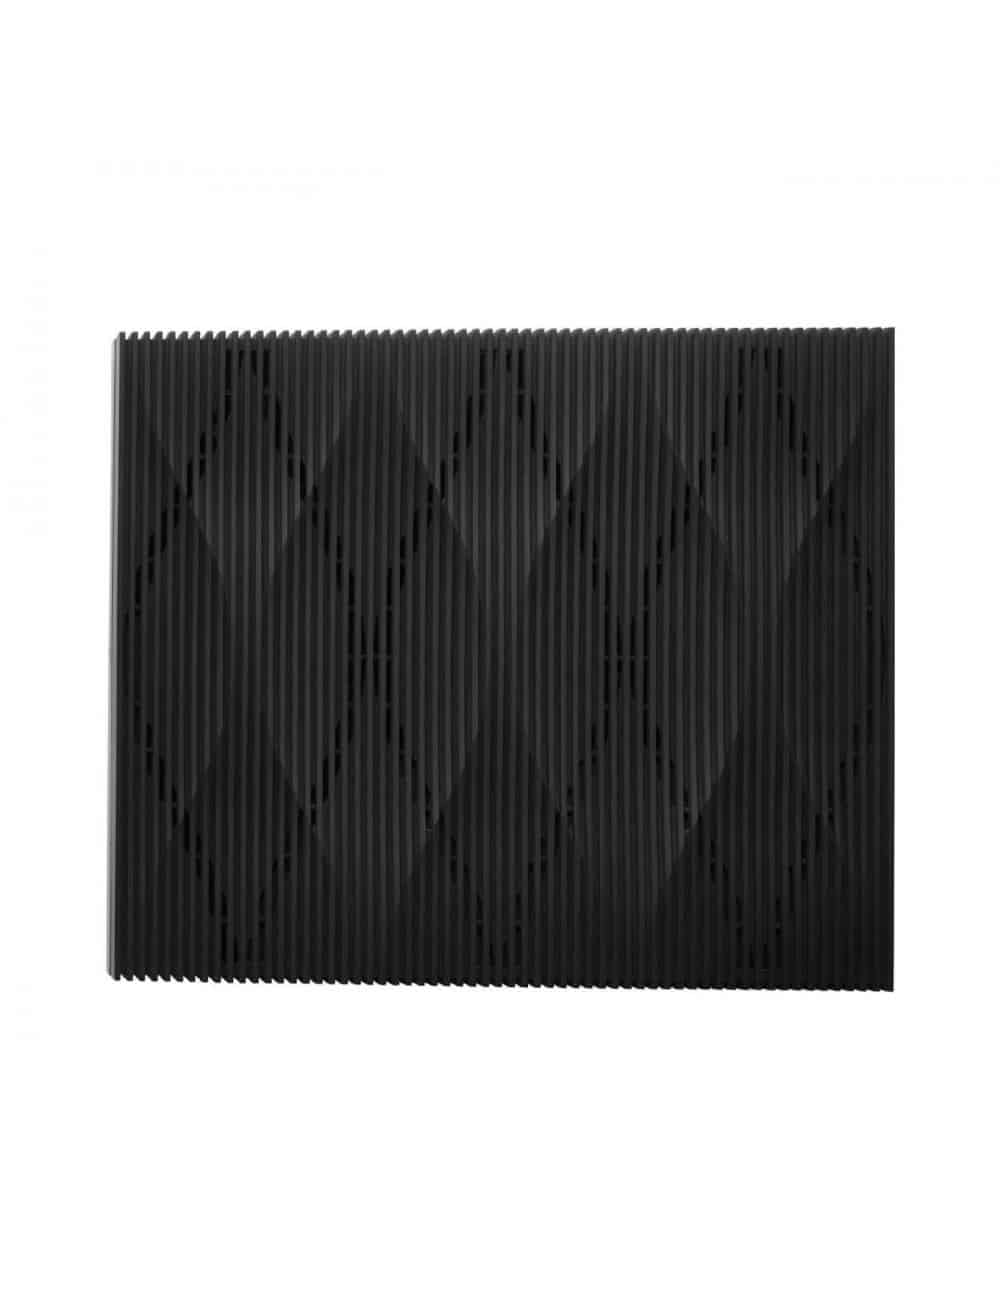 streamer musicale audiofilo HiFi wireless,  Bowers & Wilkins Formation Audio, vista superiore, finitura Nero